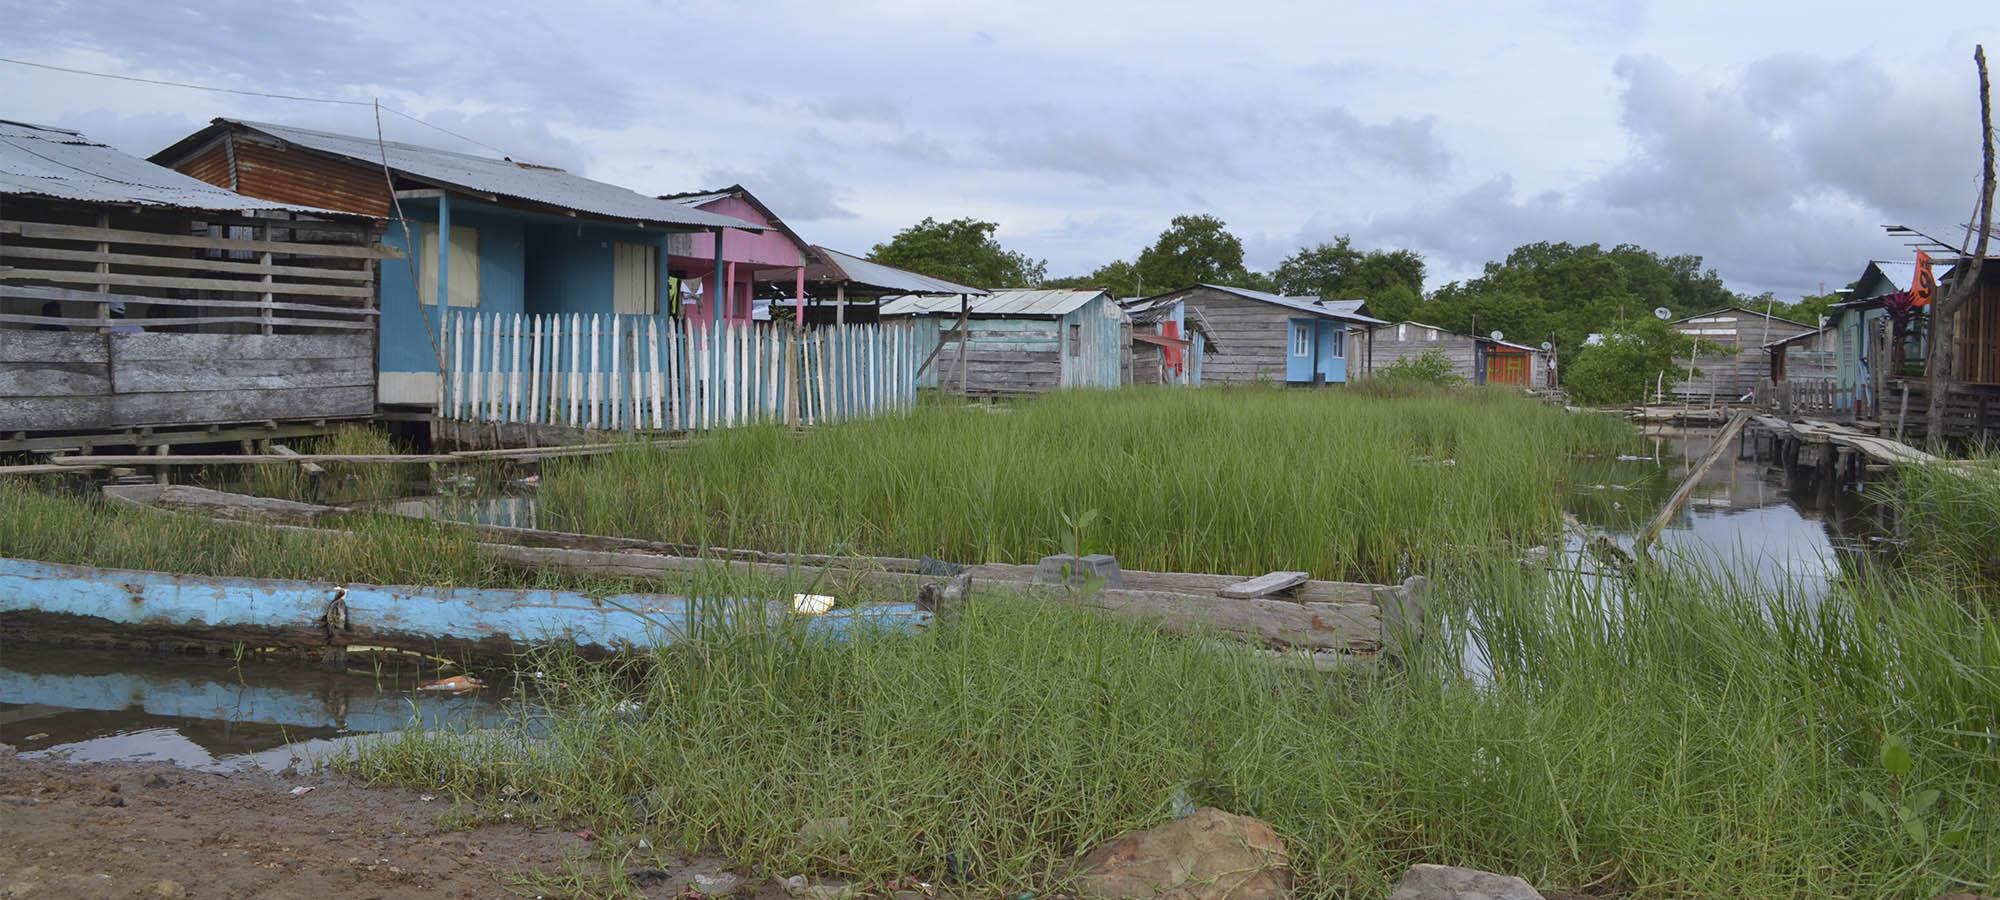 El Estado vs. Cacarica: 20 años a la espera de una reparación